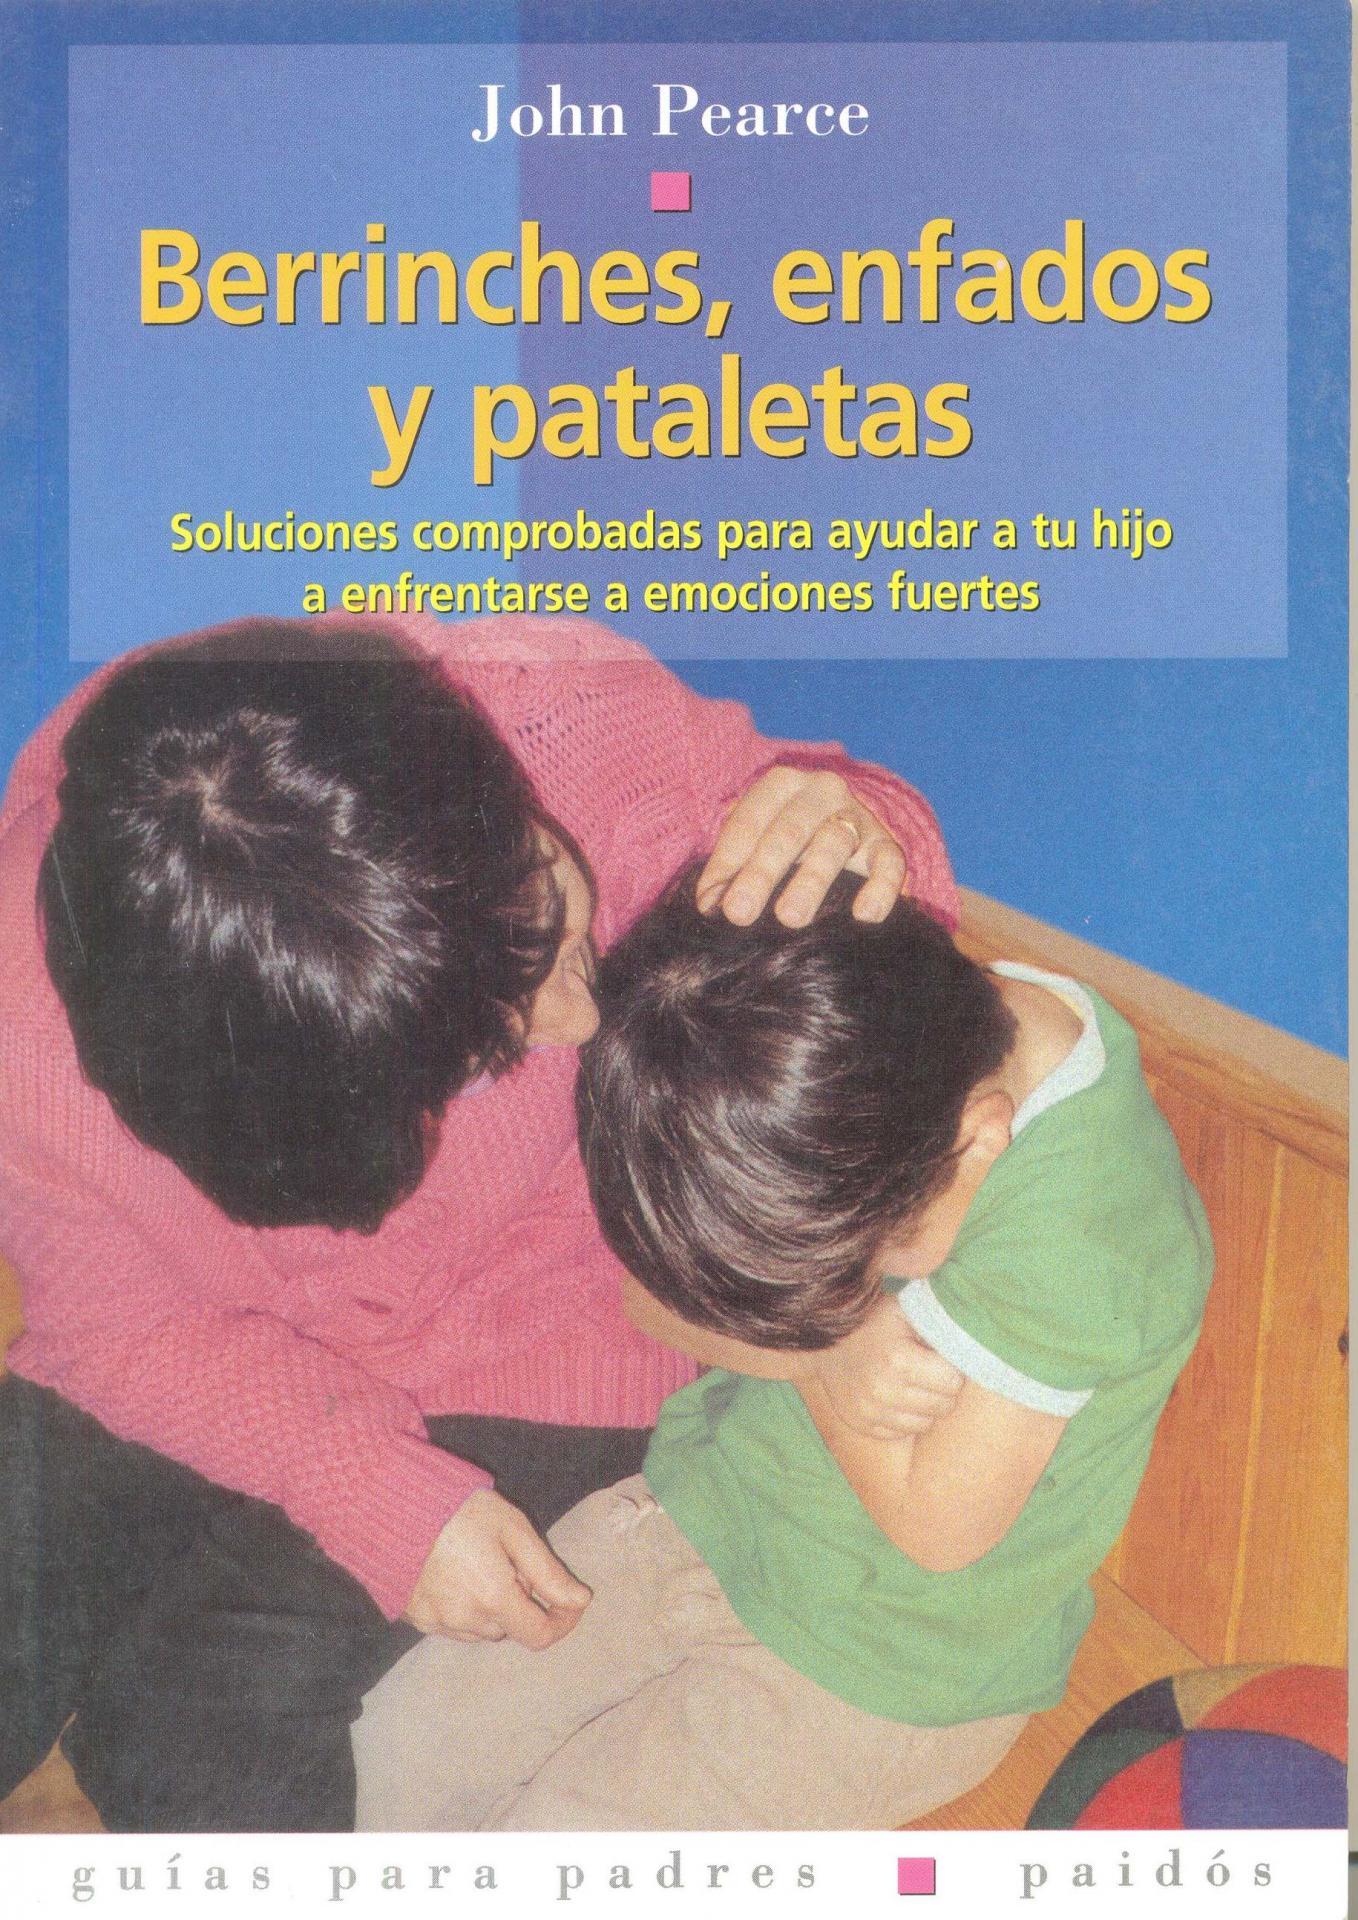 BERRINCHES, ENFADOS Y PATALETAS. Soluciones comprobadas para ayudar a tu hijo a emociones fuertes. Pearce, J.